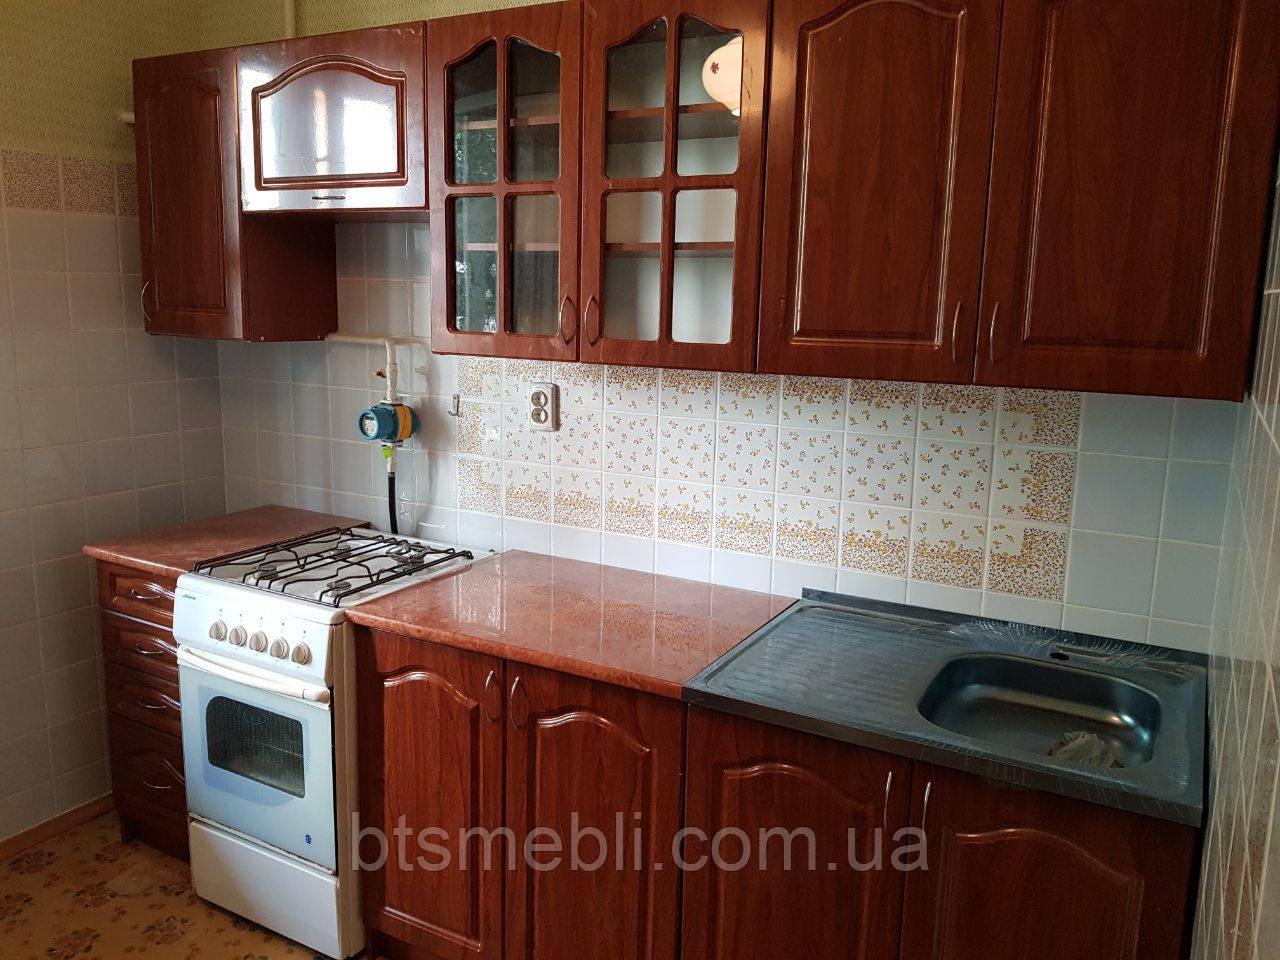 Кухня Оля МДФ ЛАК 2.0м и 2.6м